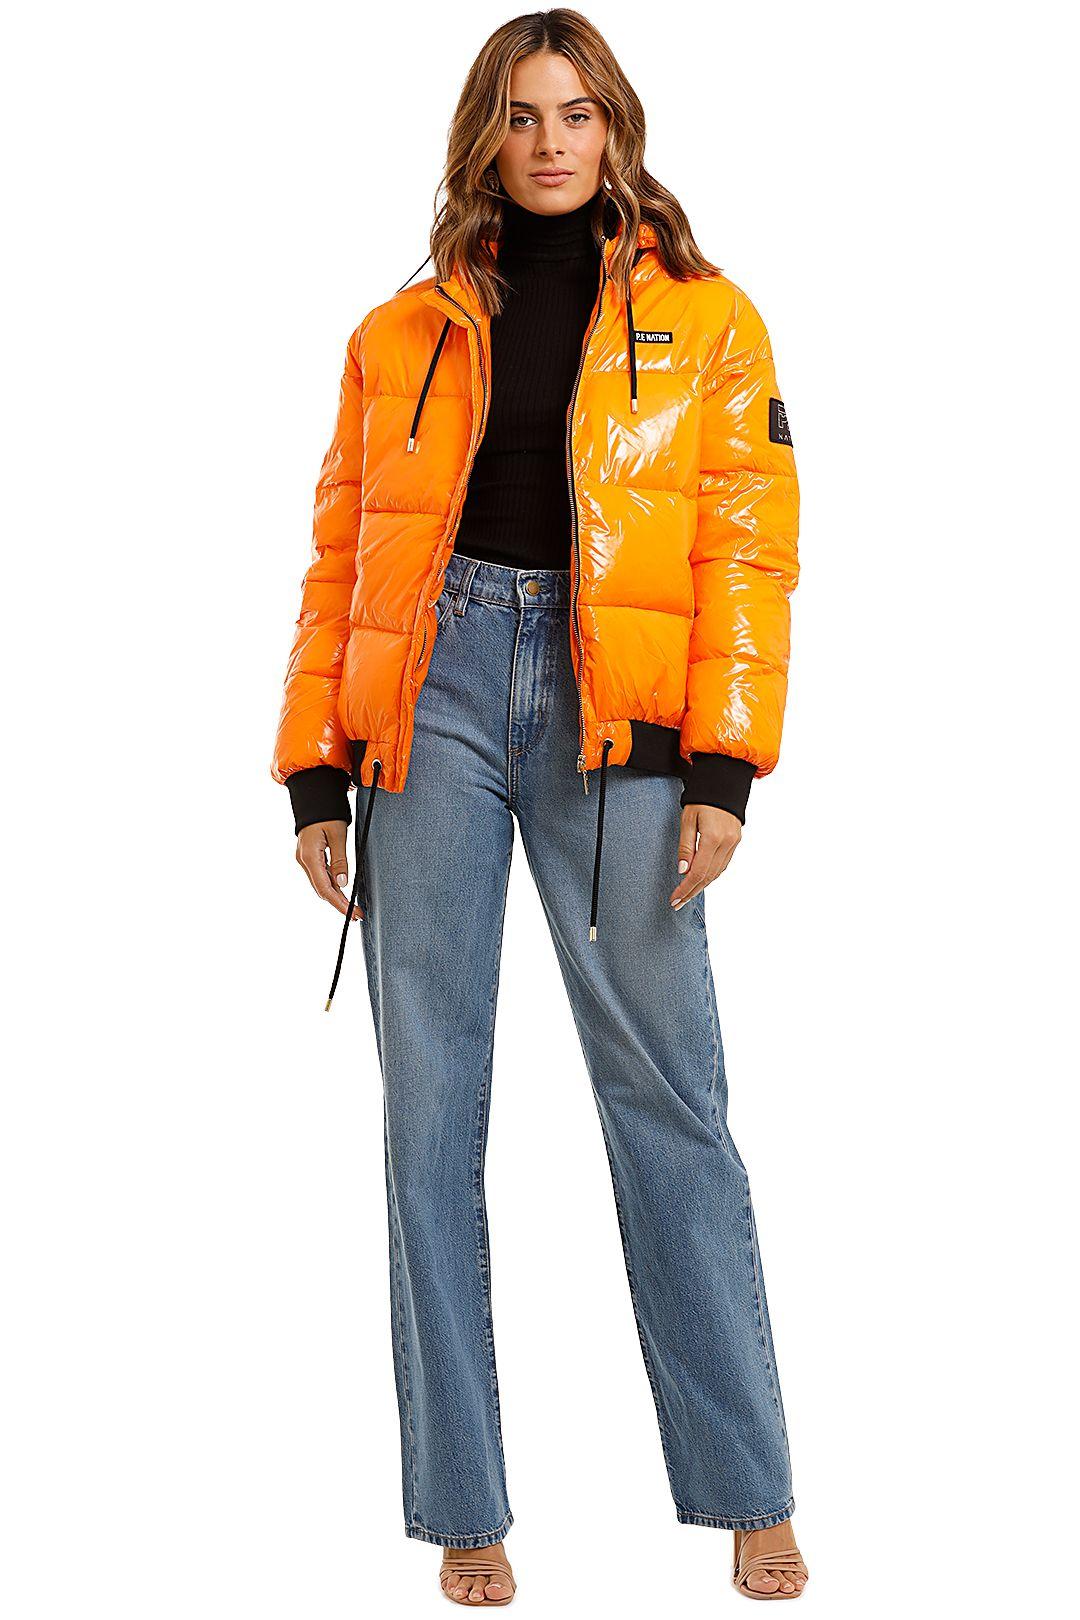 PE Nation Ringside Jacket Orange